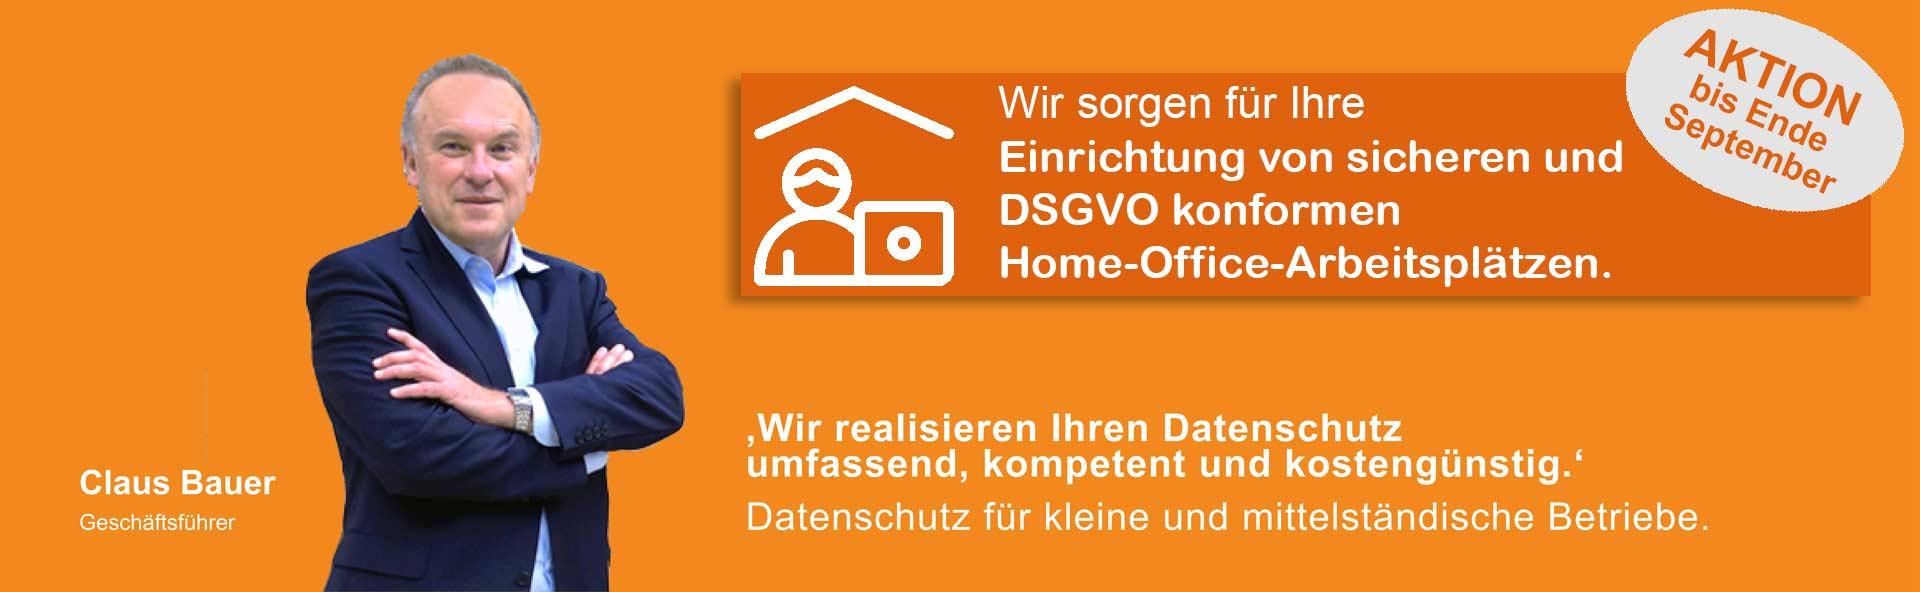 Claus-bauer-Datenschutz